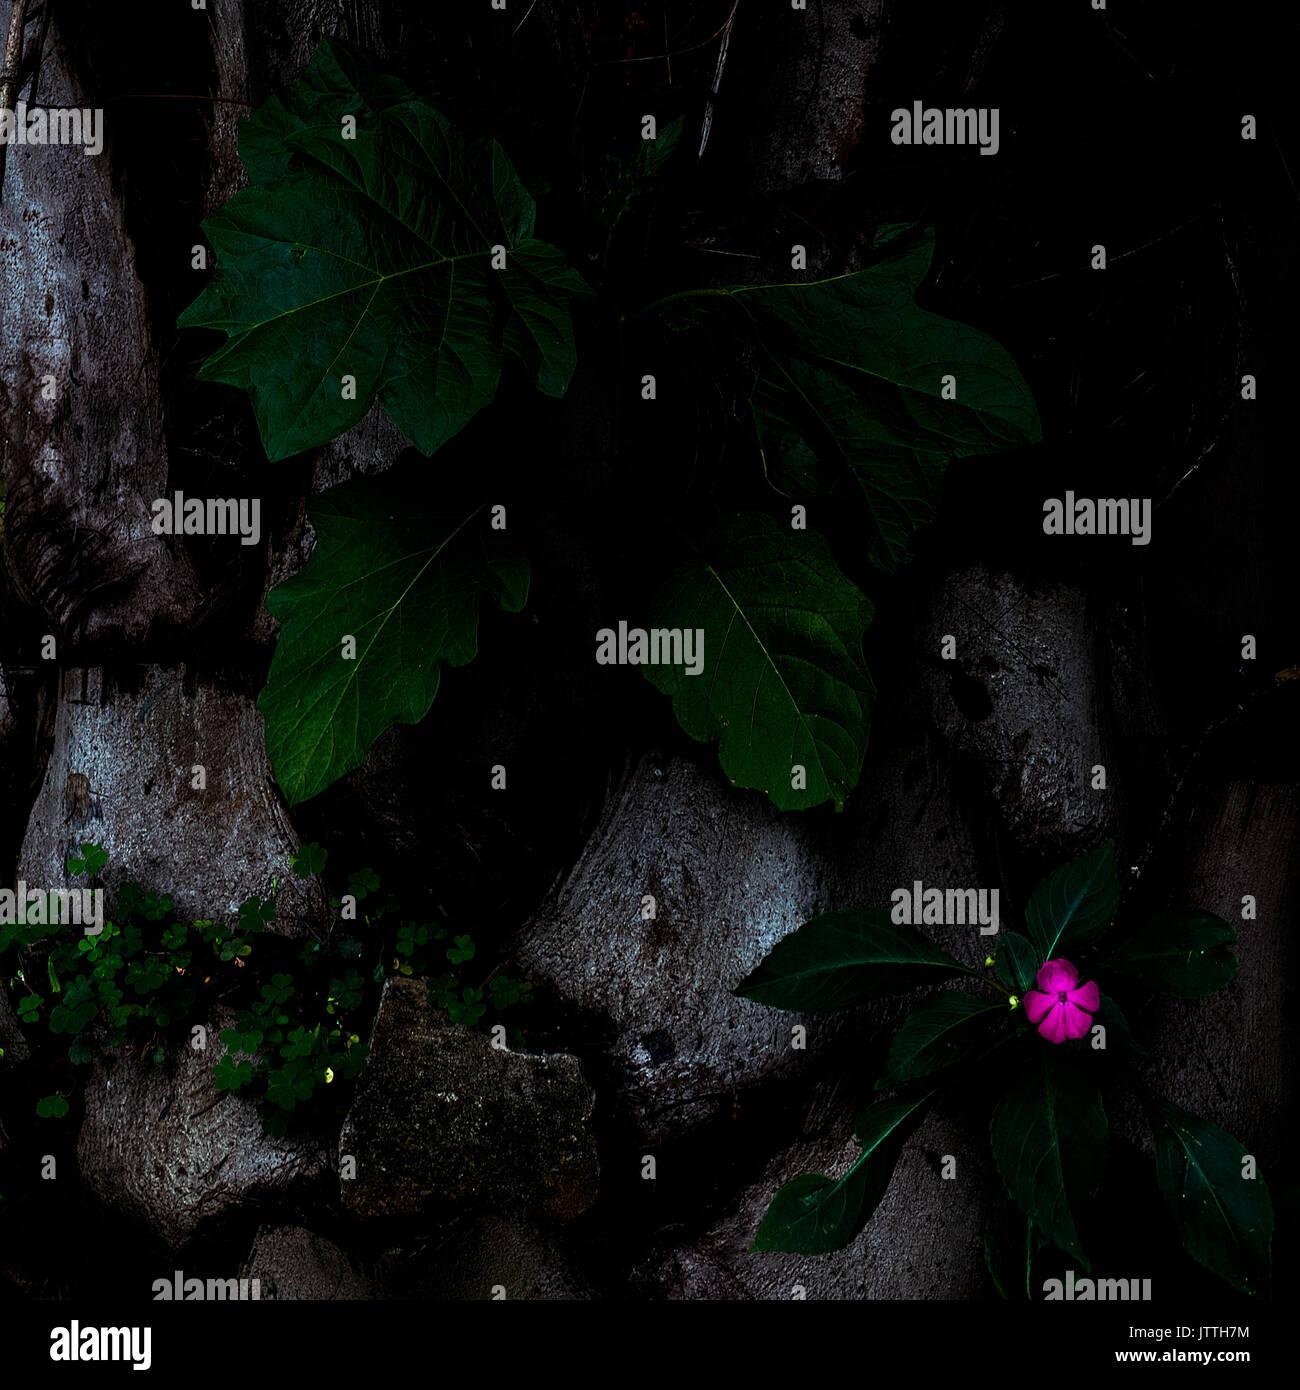 Una imagen de formato cuadrado de una sola flor rosa con hojas de color verde oscuro y piedras - Antecedentes - resumen Foto de stock